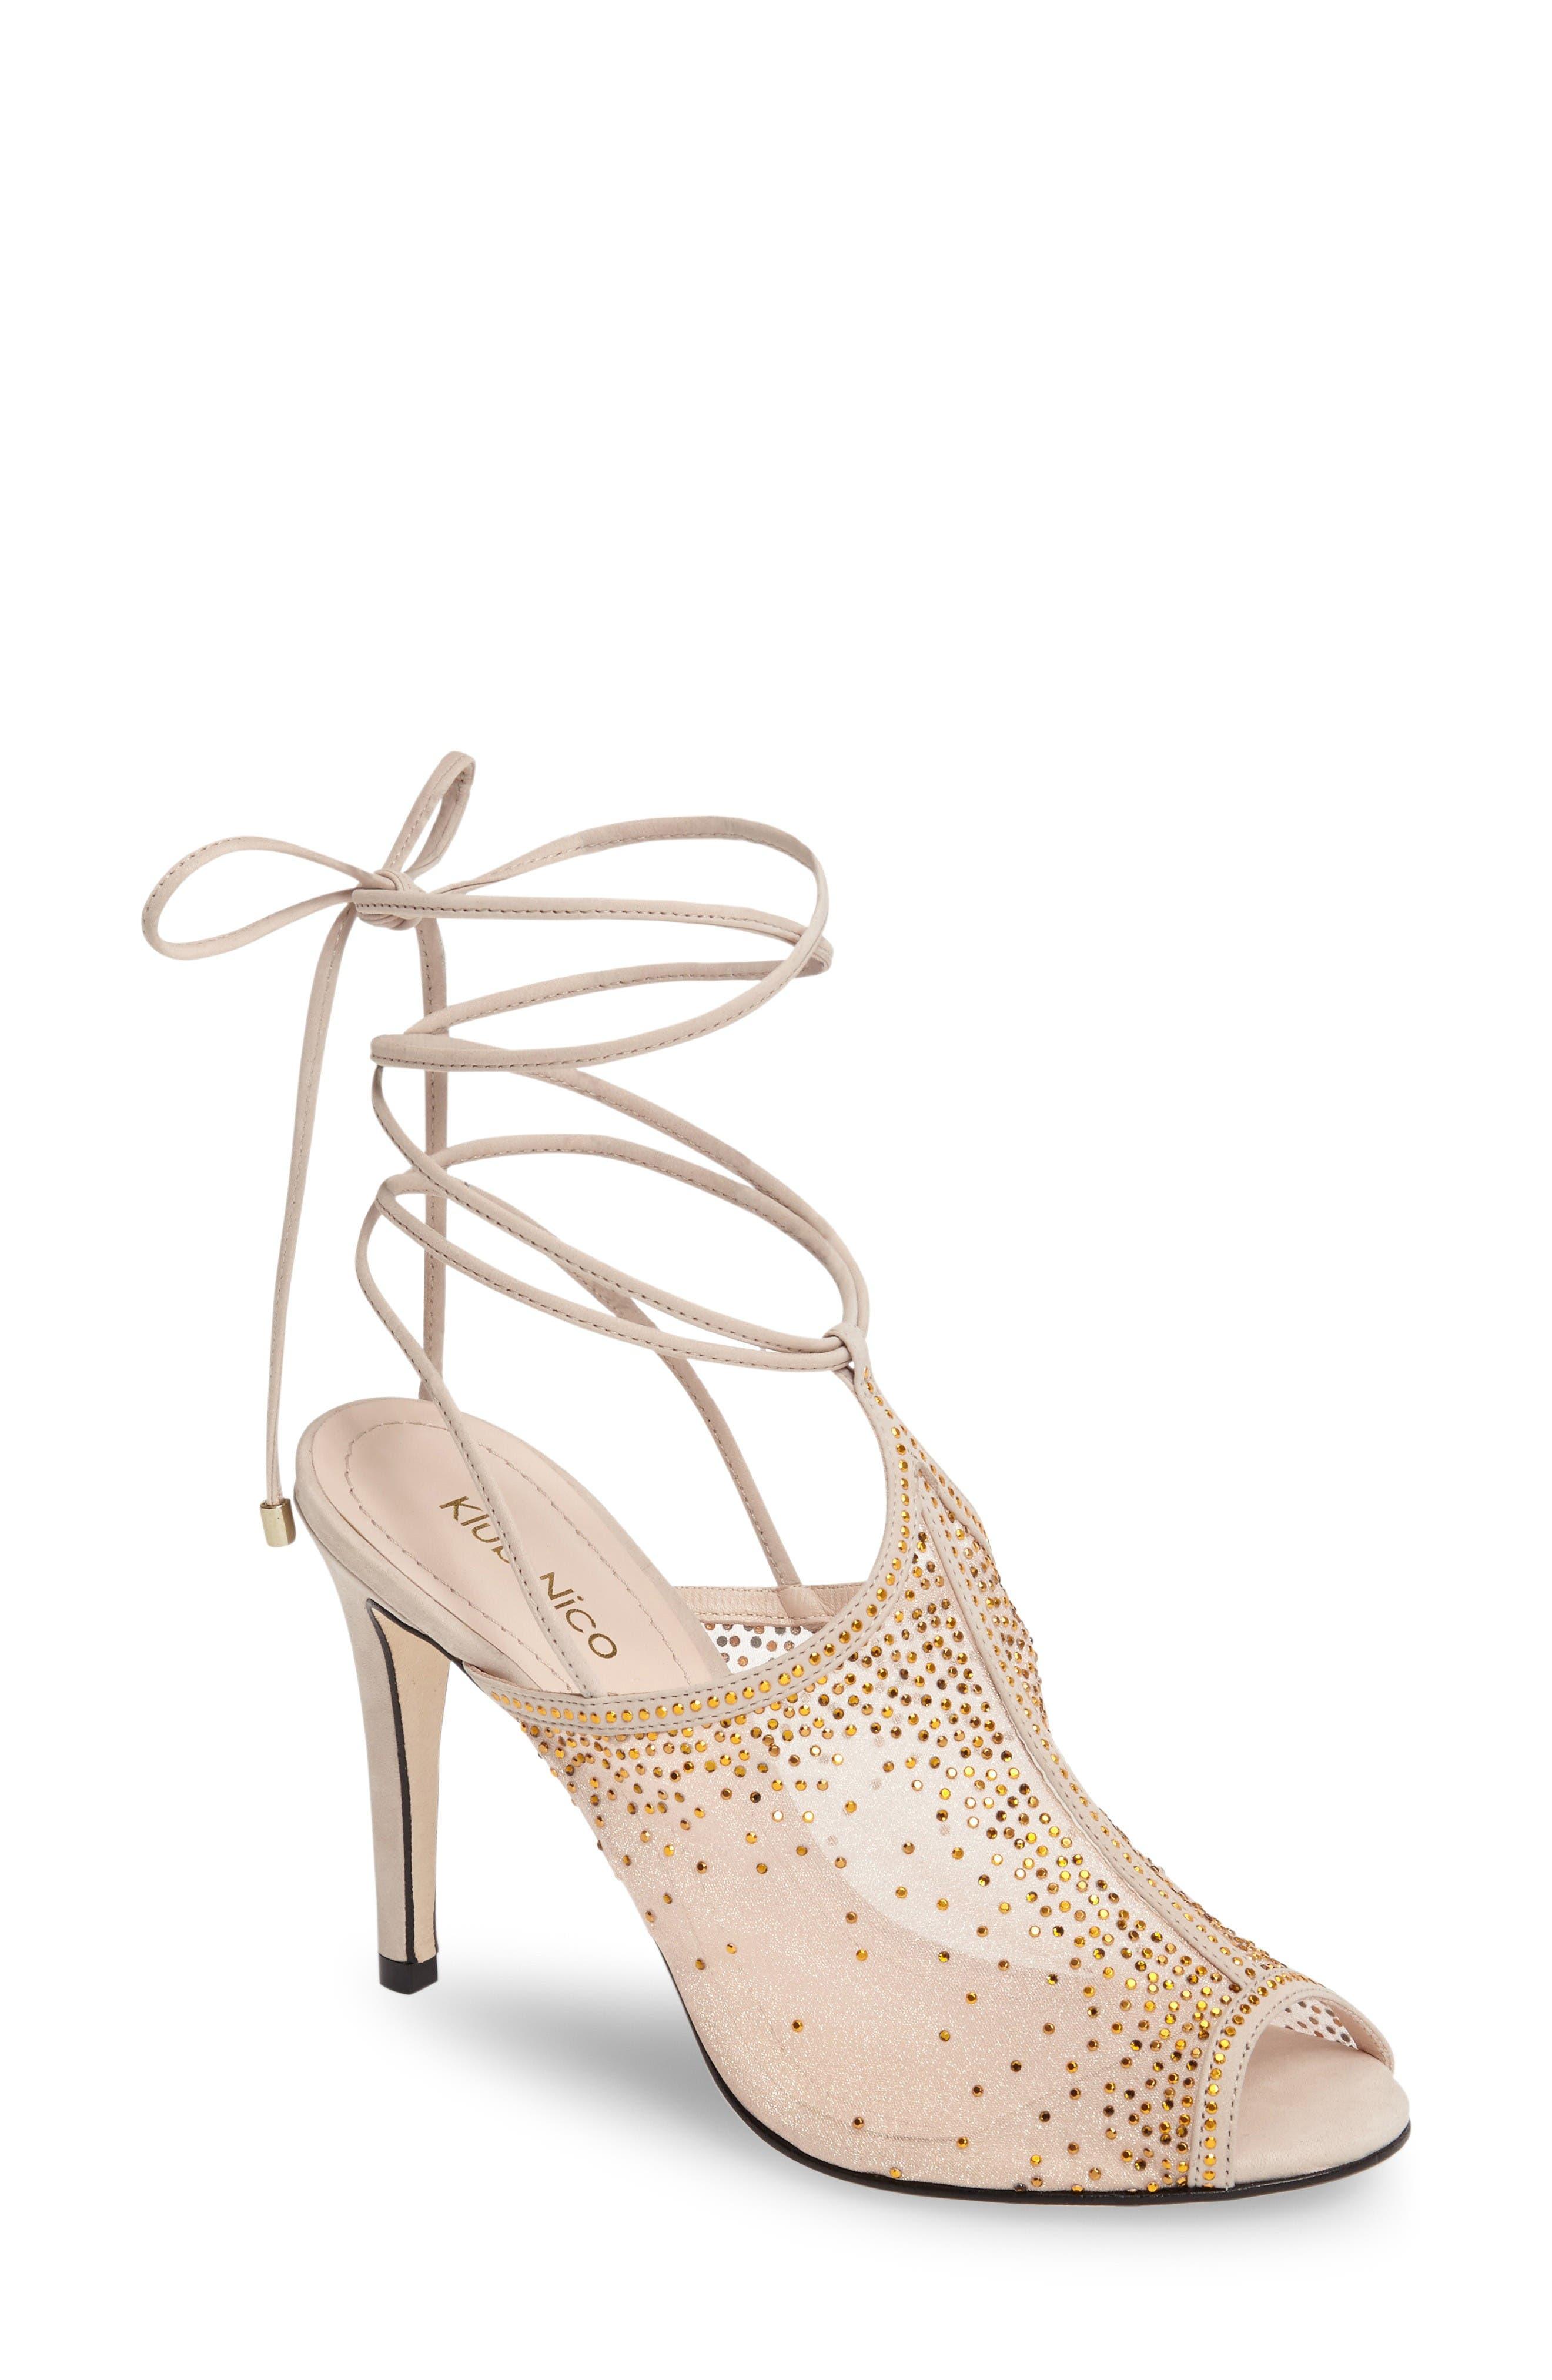 Alternate Image 1 Selected - Klub Nico Margeaux Embellished Wraparound Sandal (Women)